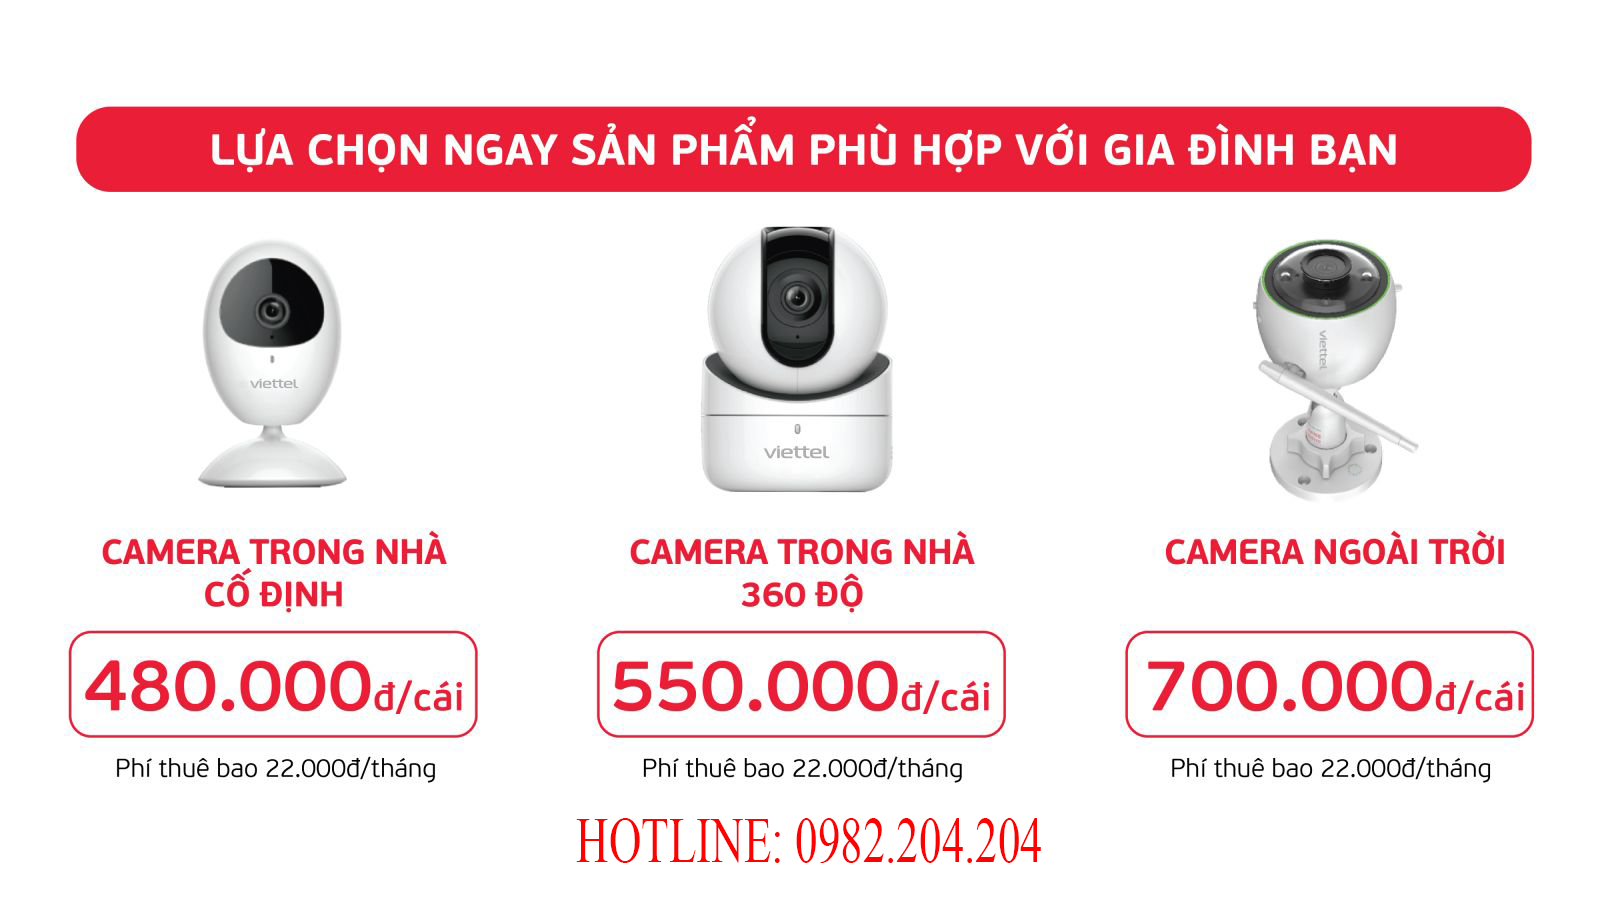 Bảng giá Camera Viettel 2021 Giá Rẻ Chính Hãng